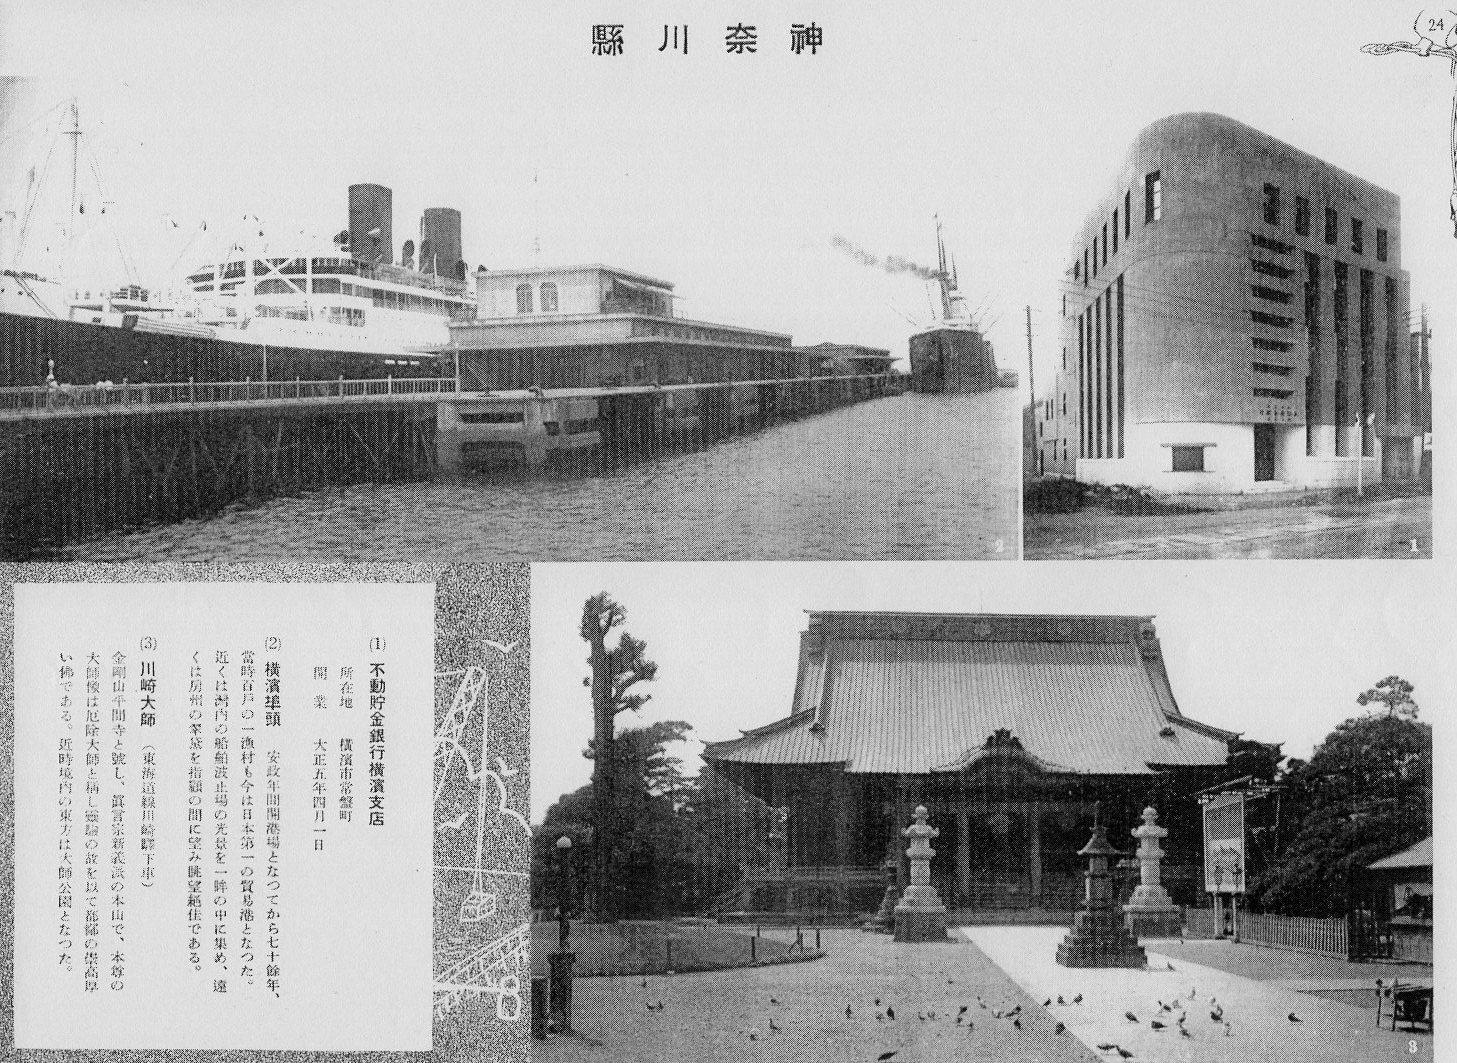 不動貯金銀行横浜支店(建築家・関根要太郎作品研究)_f0142606_10371999.jpg